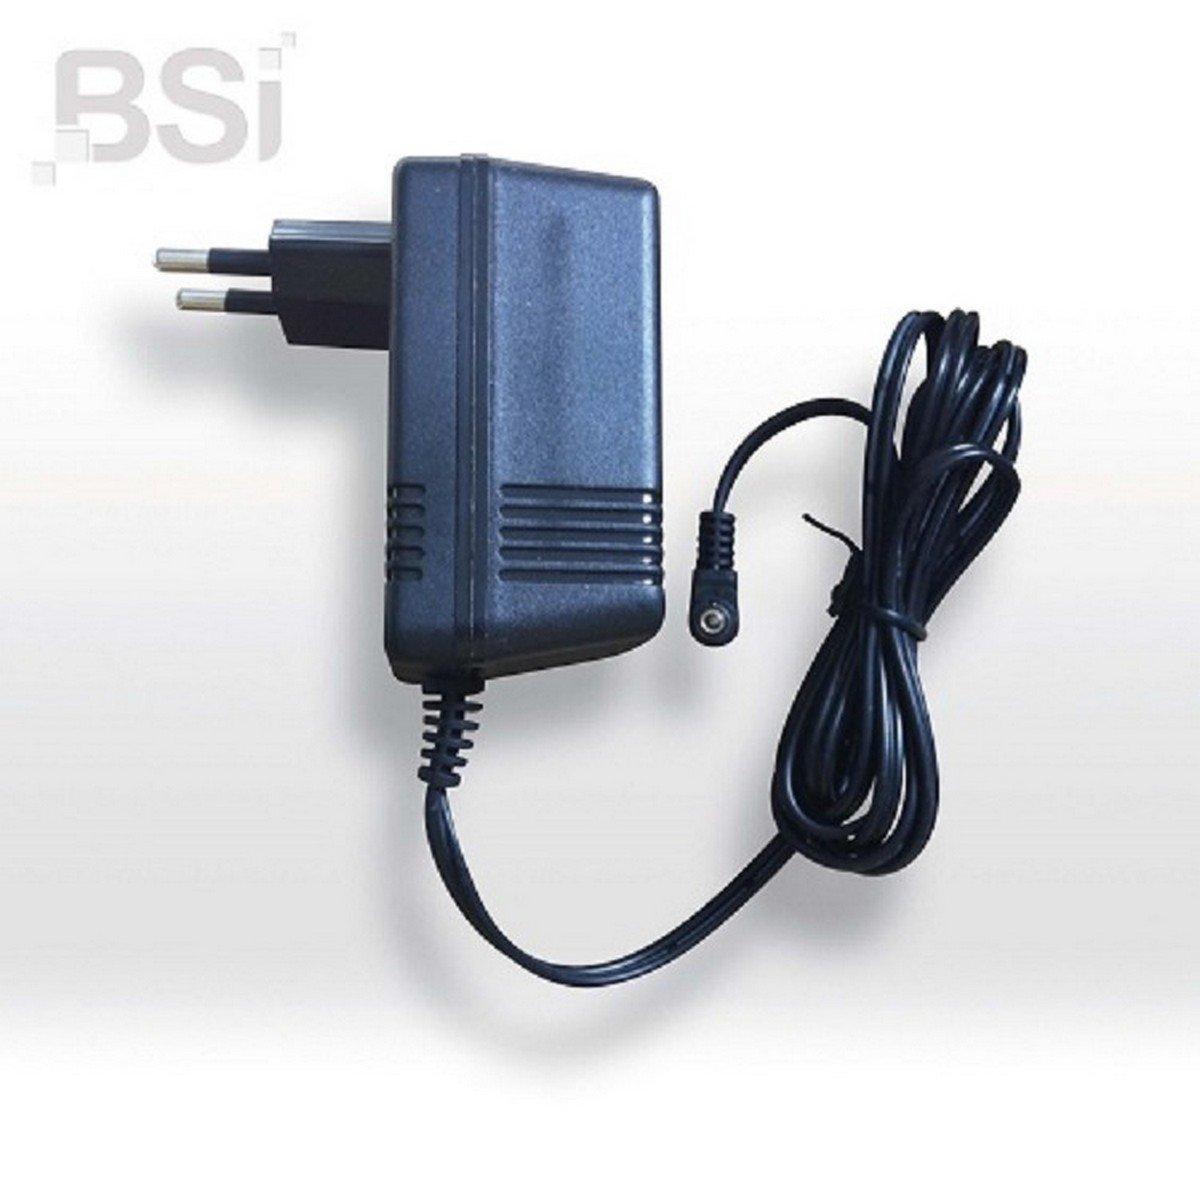 Afbeelding van BSI Adapter voor Muizenval Artikelnummer